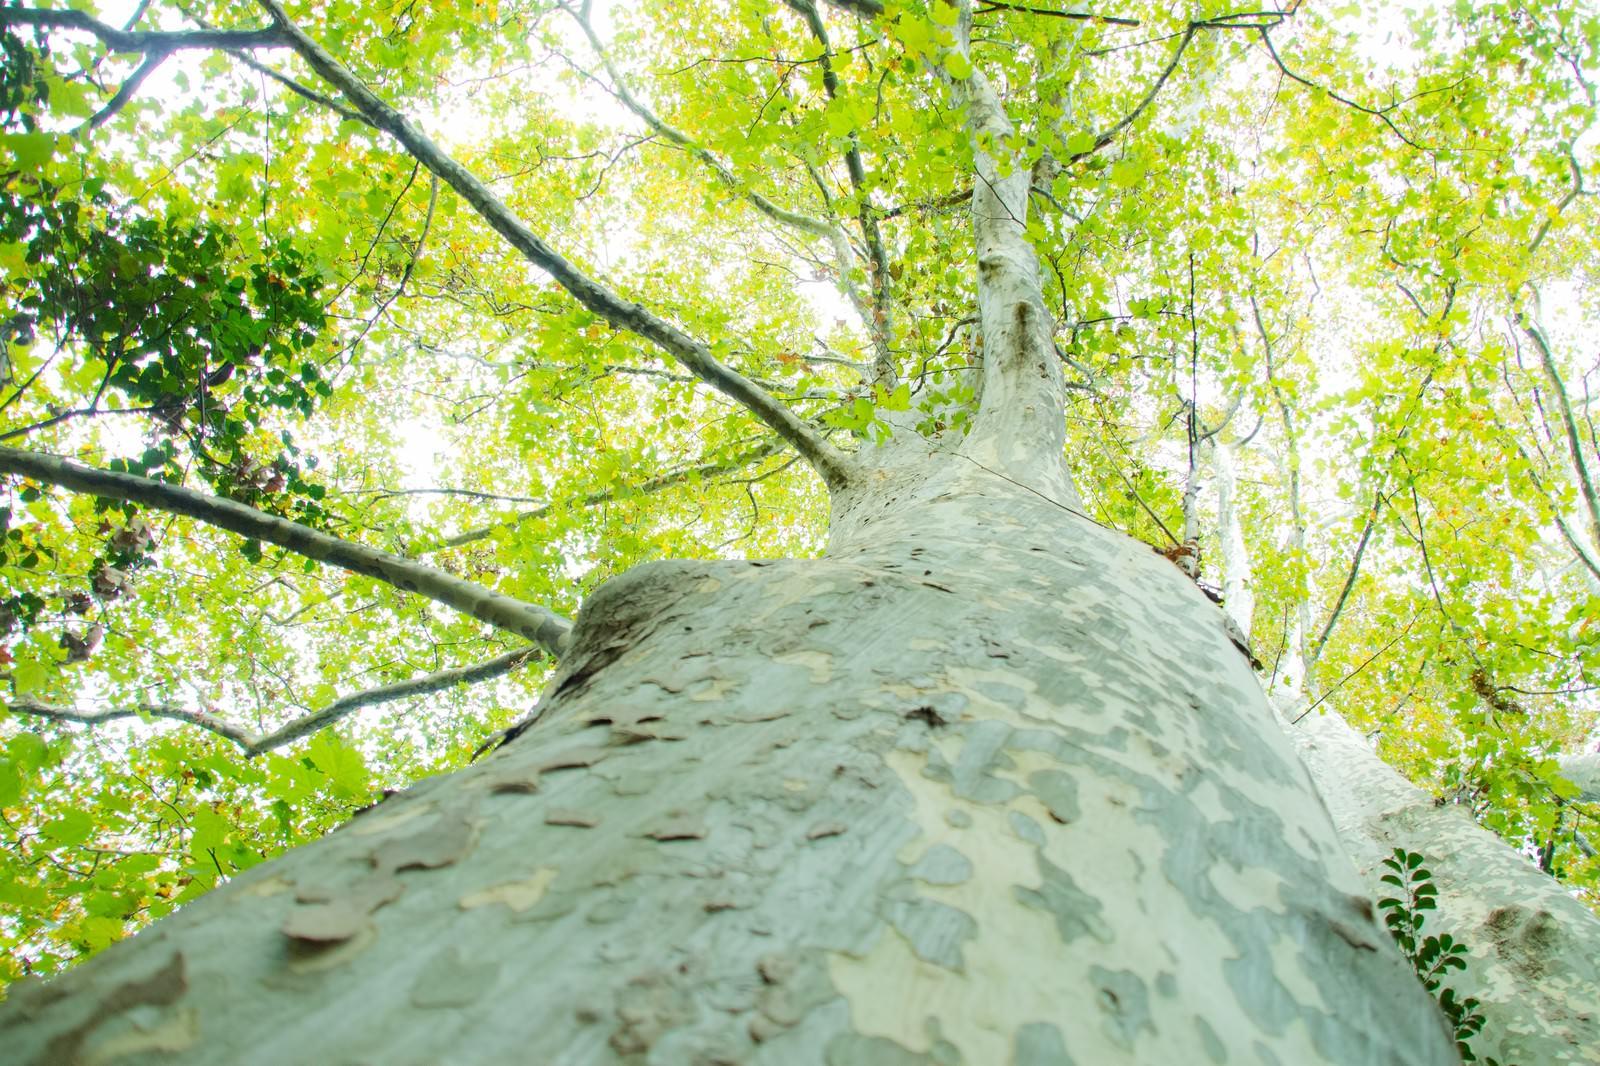 「木を見上げると溢れる緑と木漏れ日木を見上げると溢れる緑と木漏れ日」のフリー写真素材を拡大